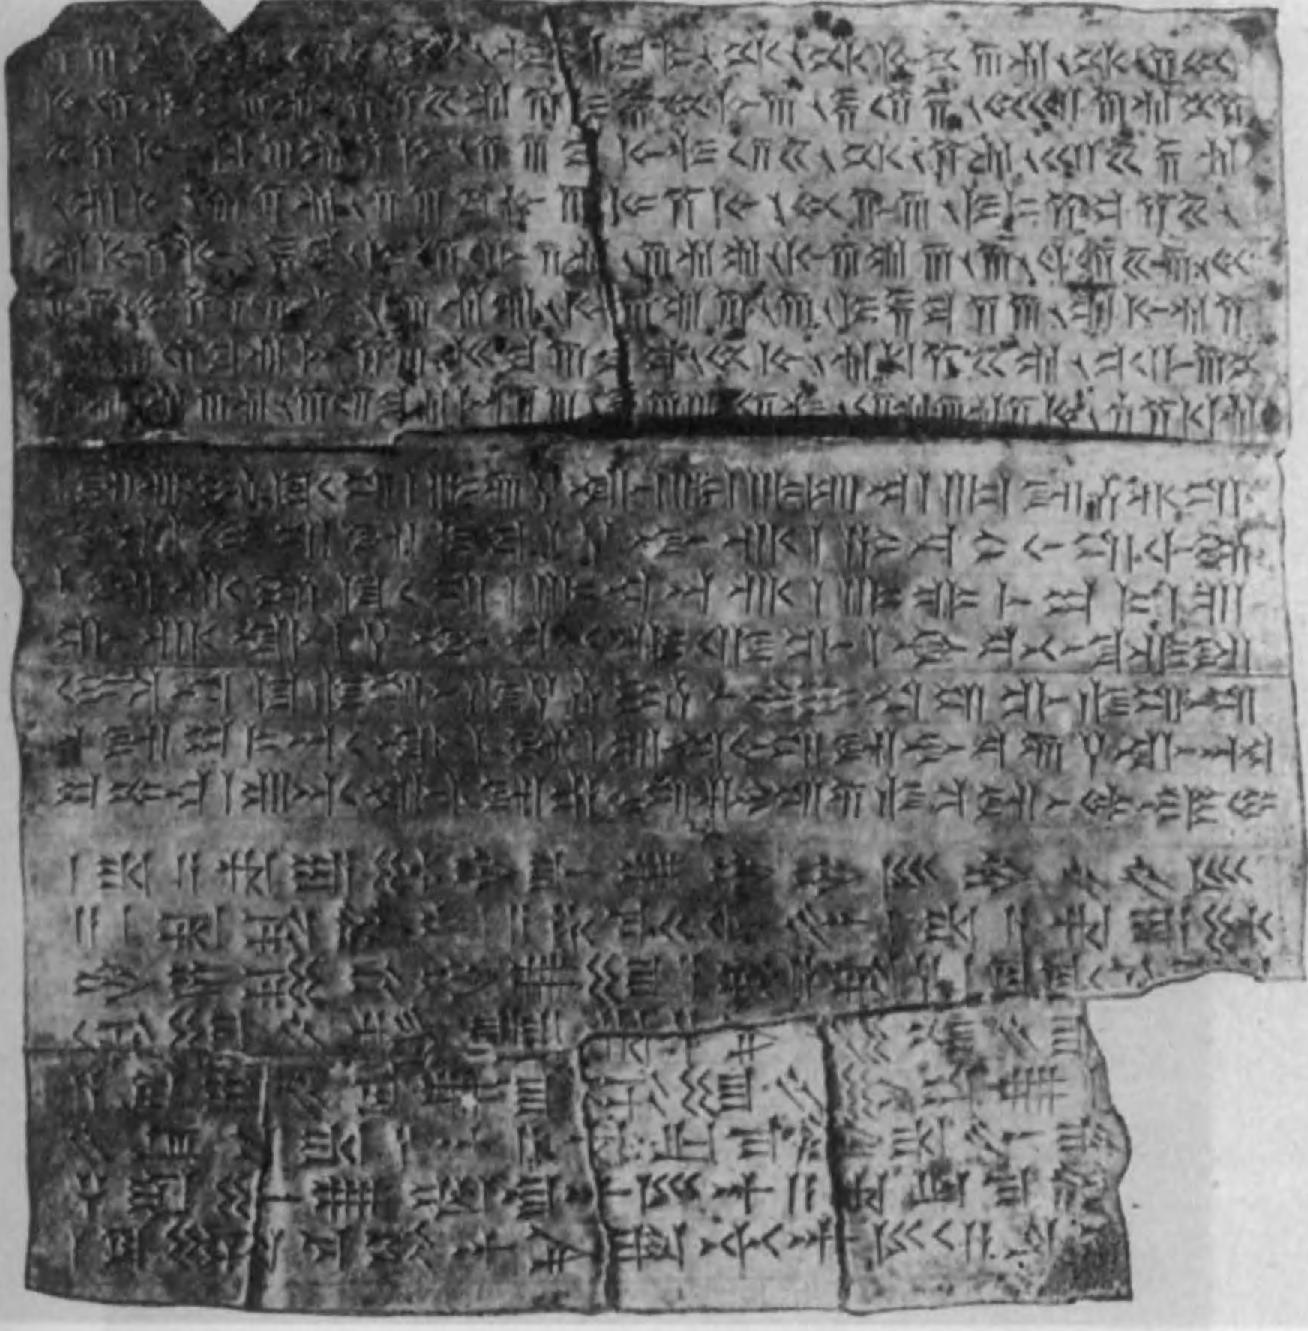 38.Трехъязычная золотая закладная пластина Дария из Хамадана. Многие ученые считают, что древнеперсидская клинопись была изобретена при Дарии для составления царских надписей.